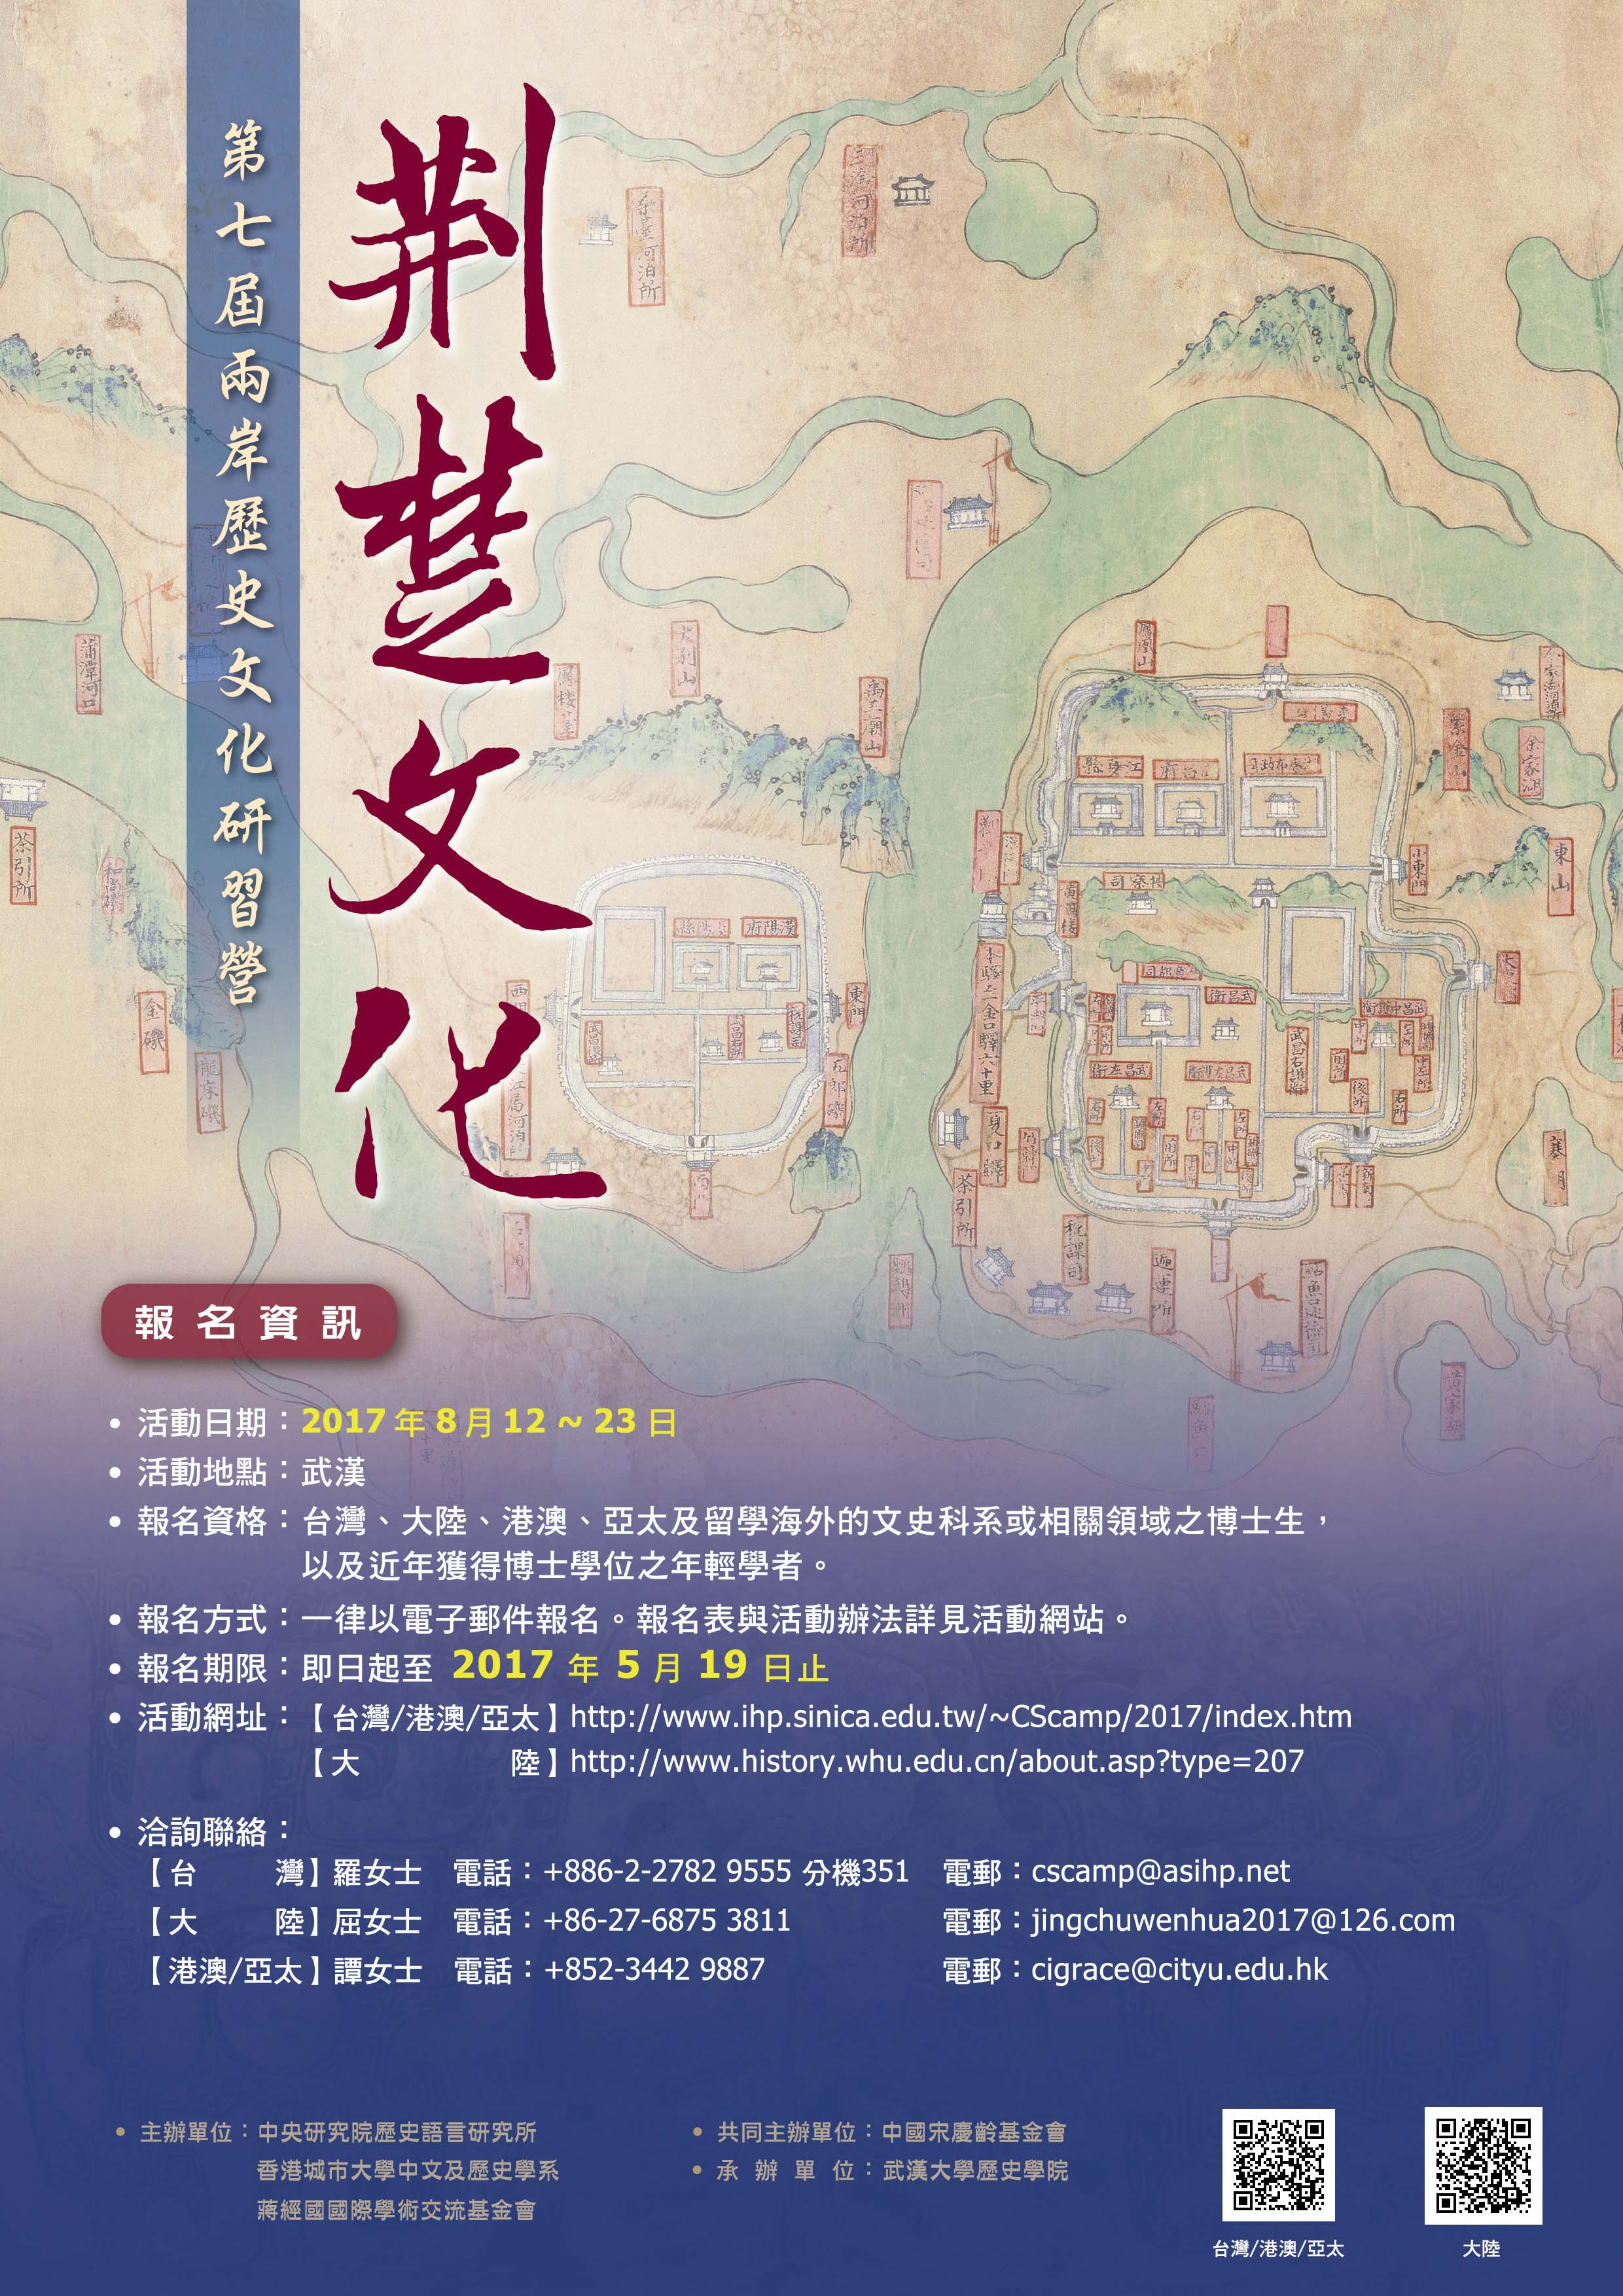 20170706第七屆兩岸歷史文化研習營 :「荊楚文化」